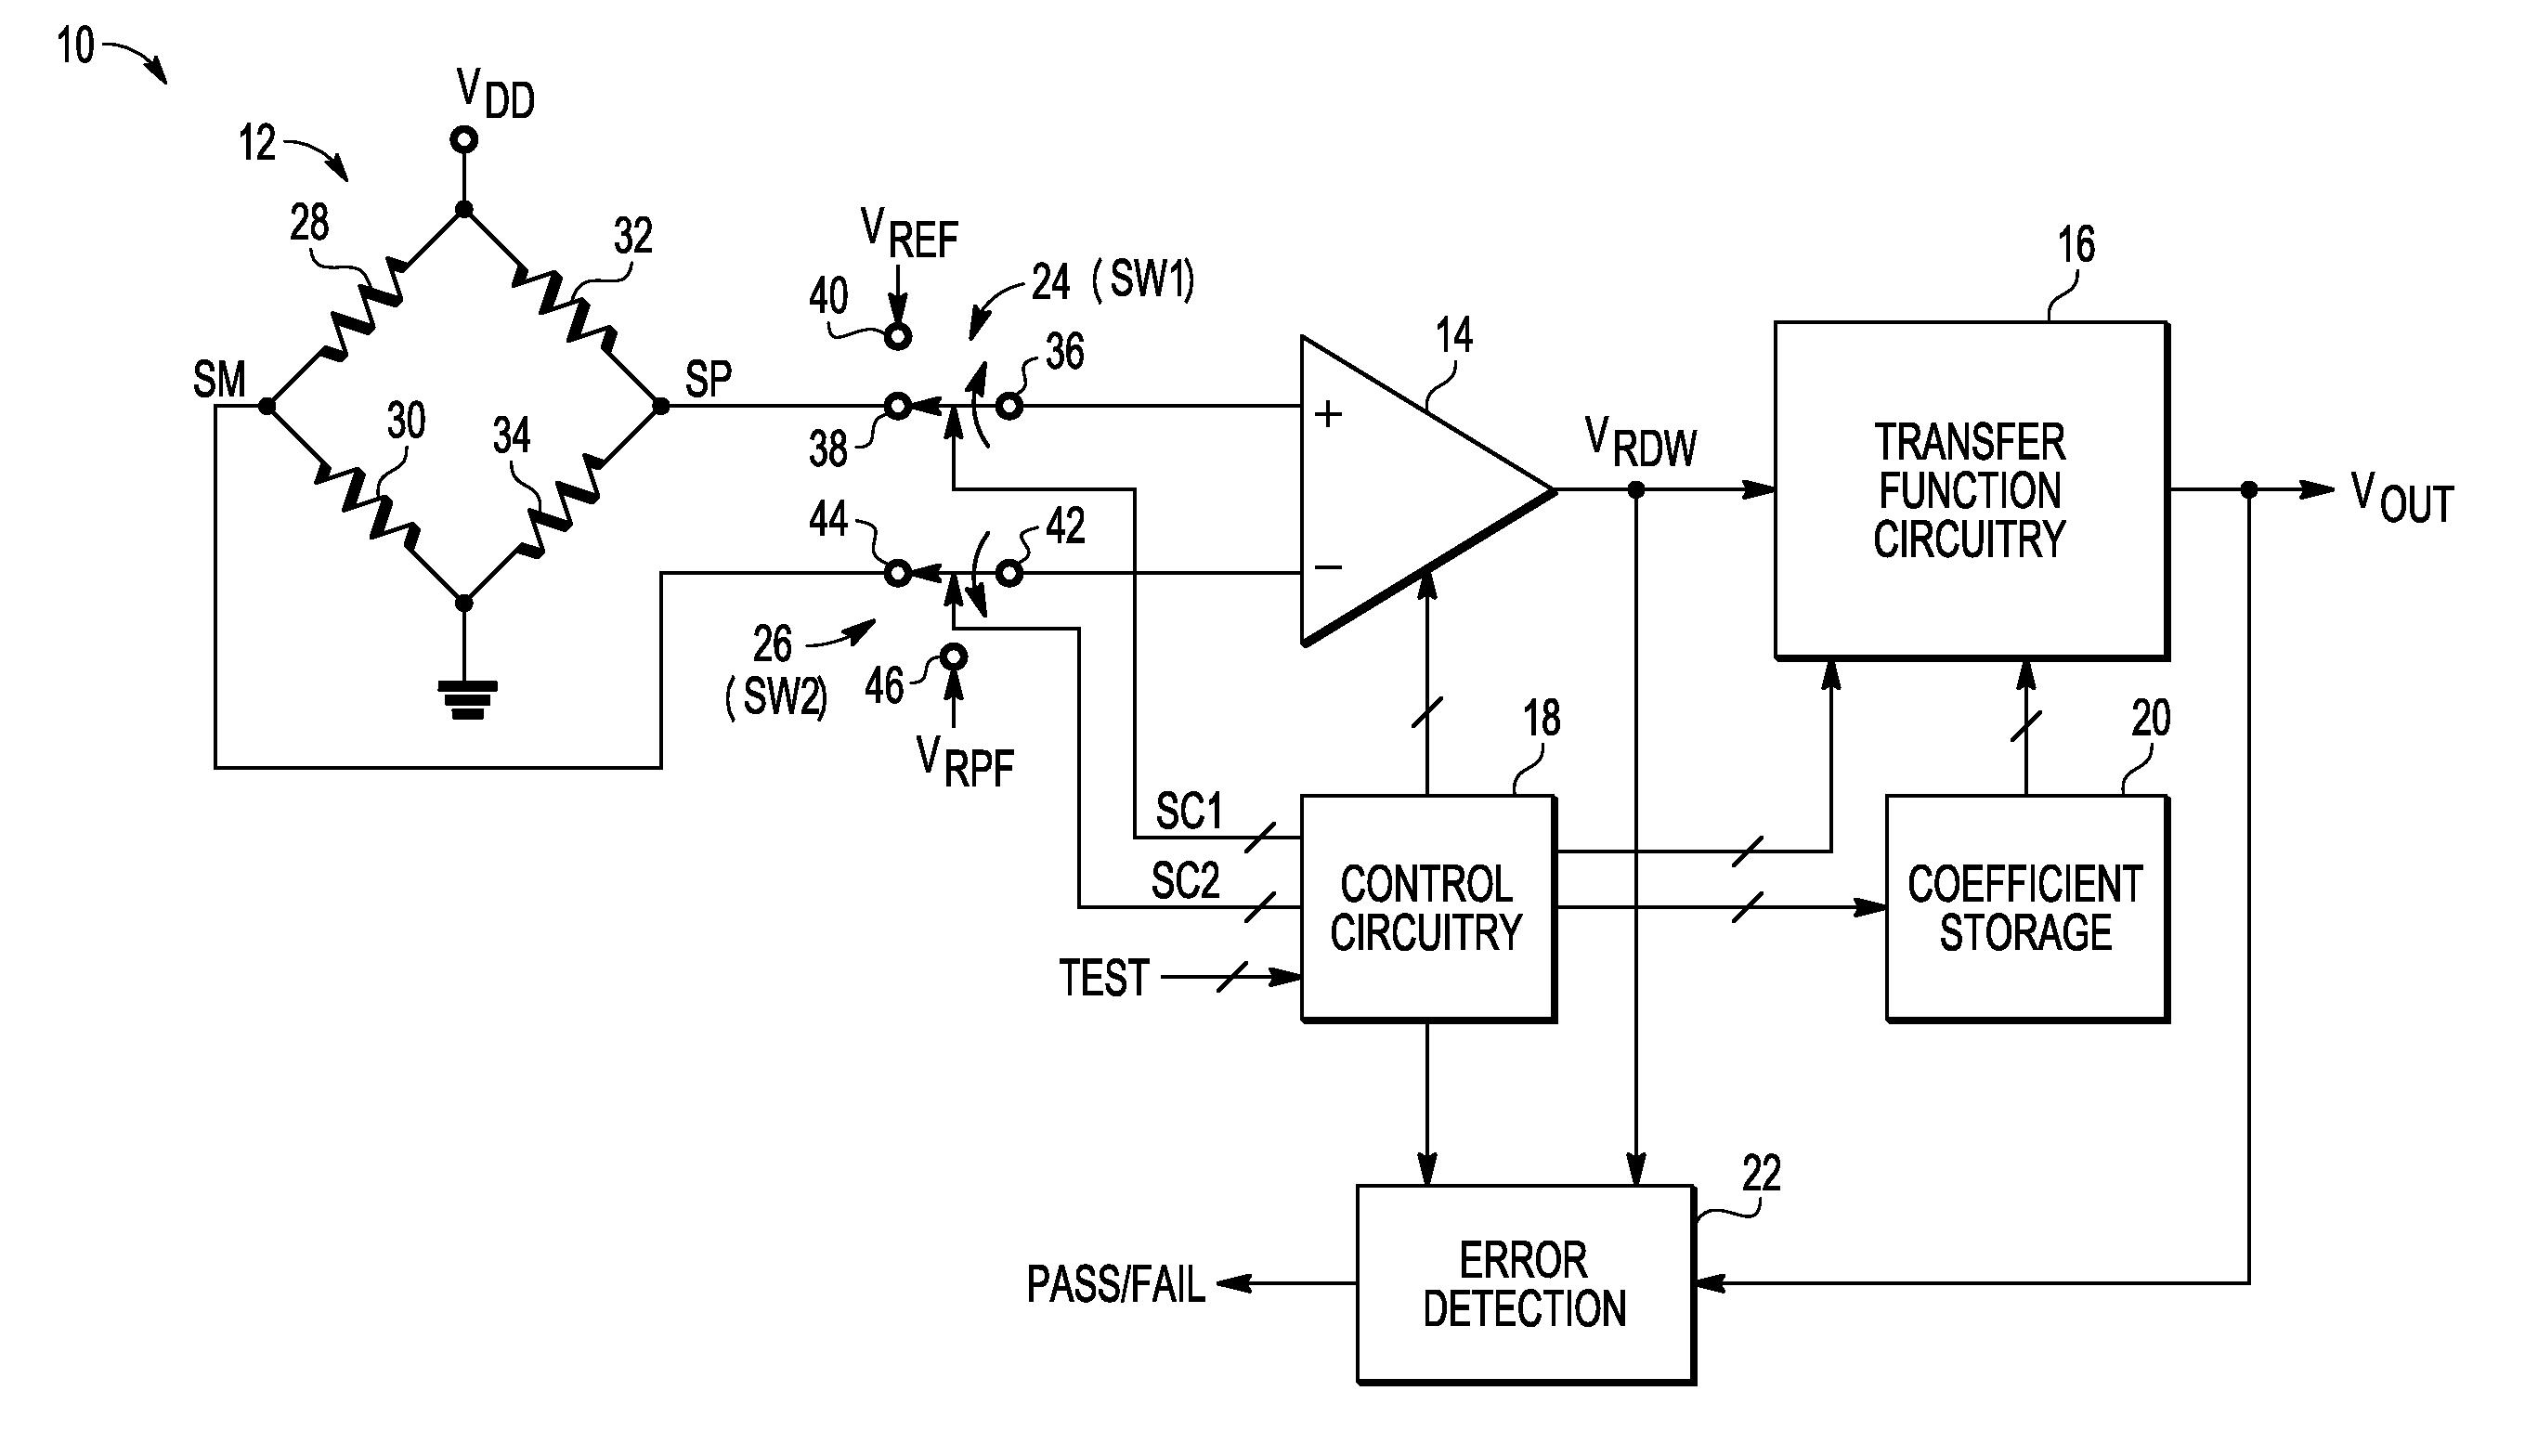 pressure transmitter circuit diagram all diagram schematics Pressure Transmitter Schematic Diagram wiring diagram for pressure transducer